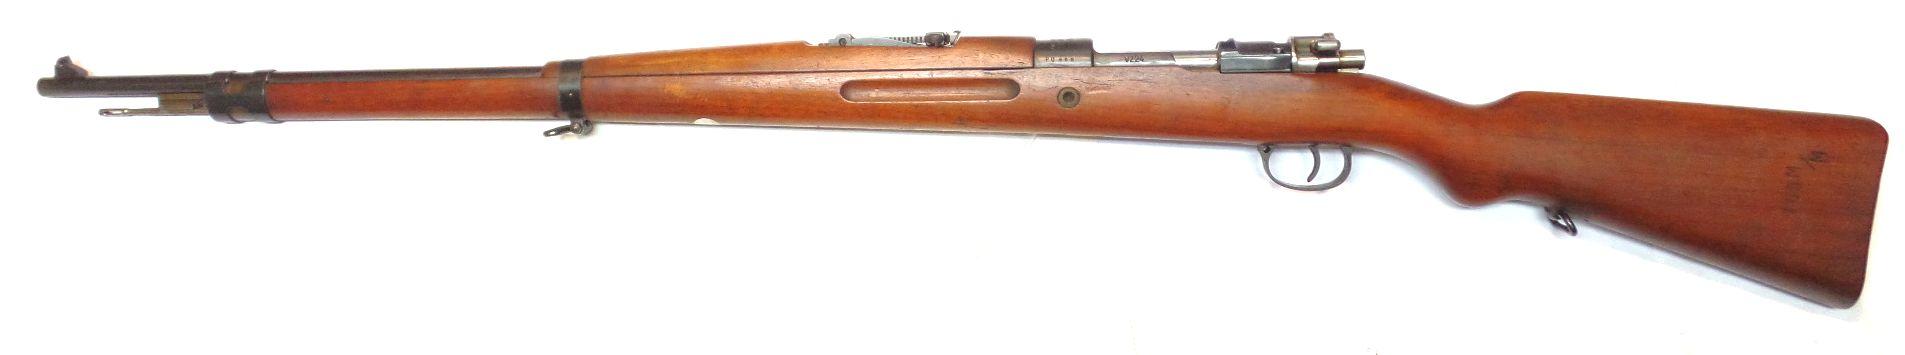 CZ BRNO VZ24 calibre 7.65x53